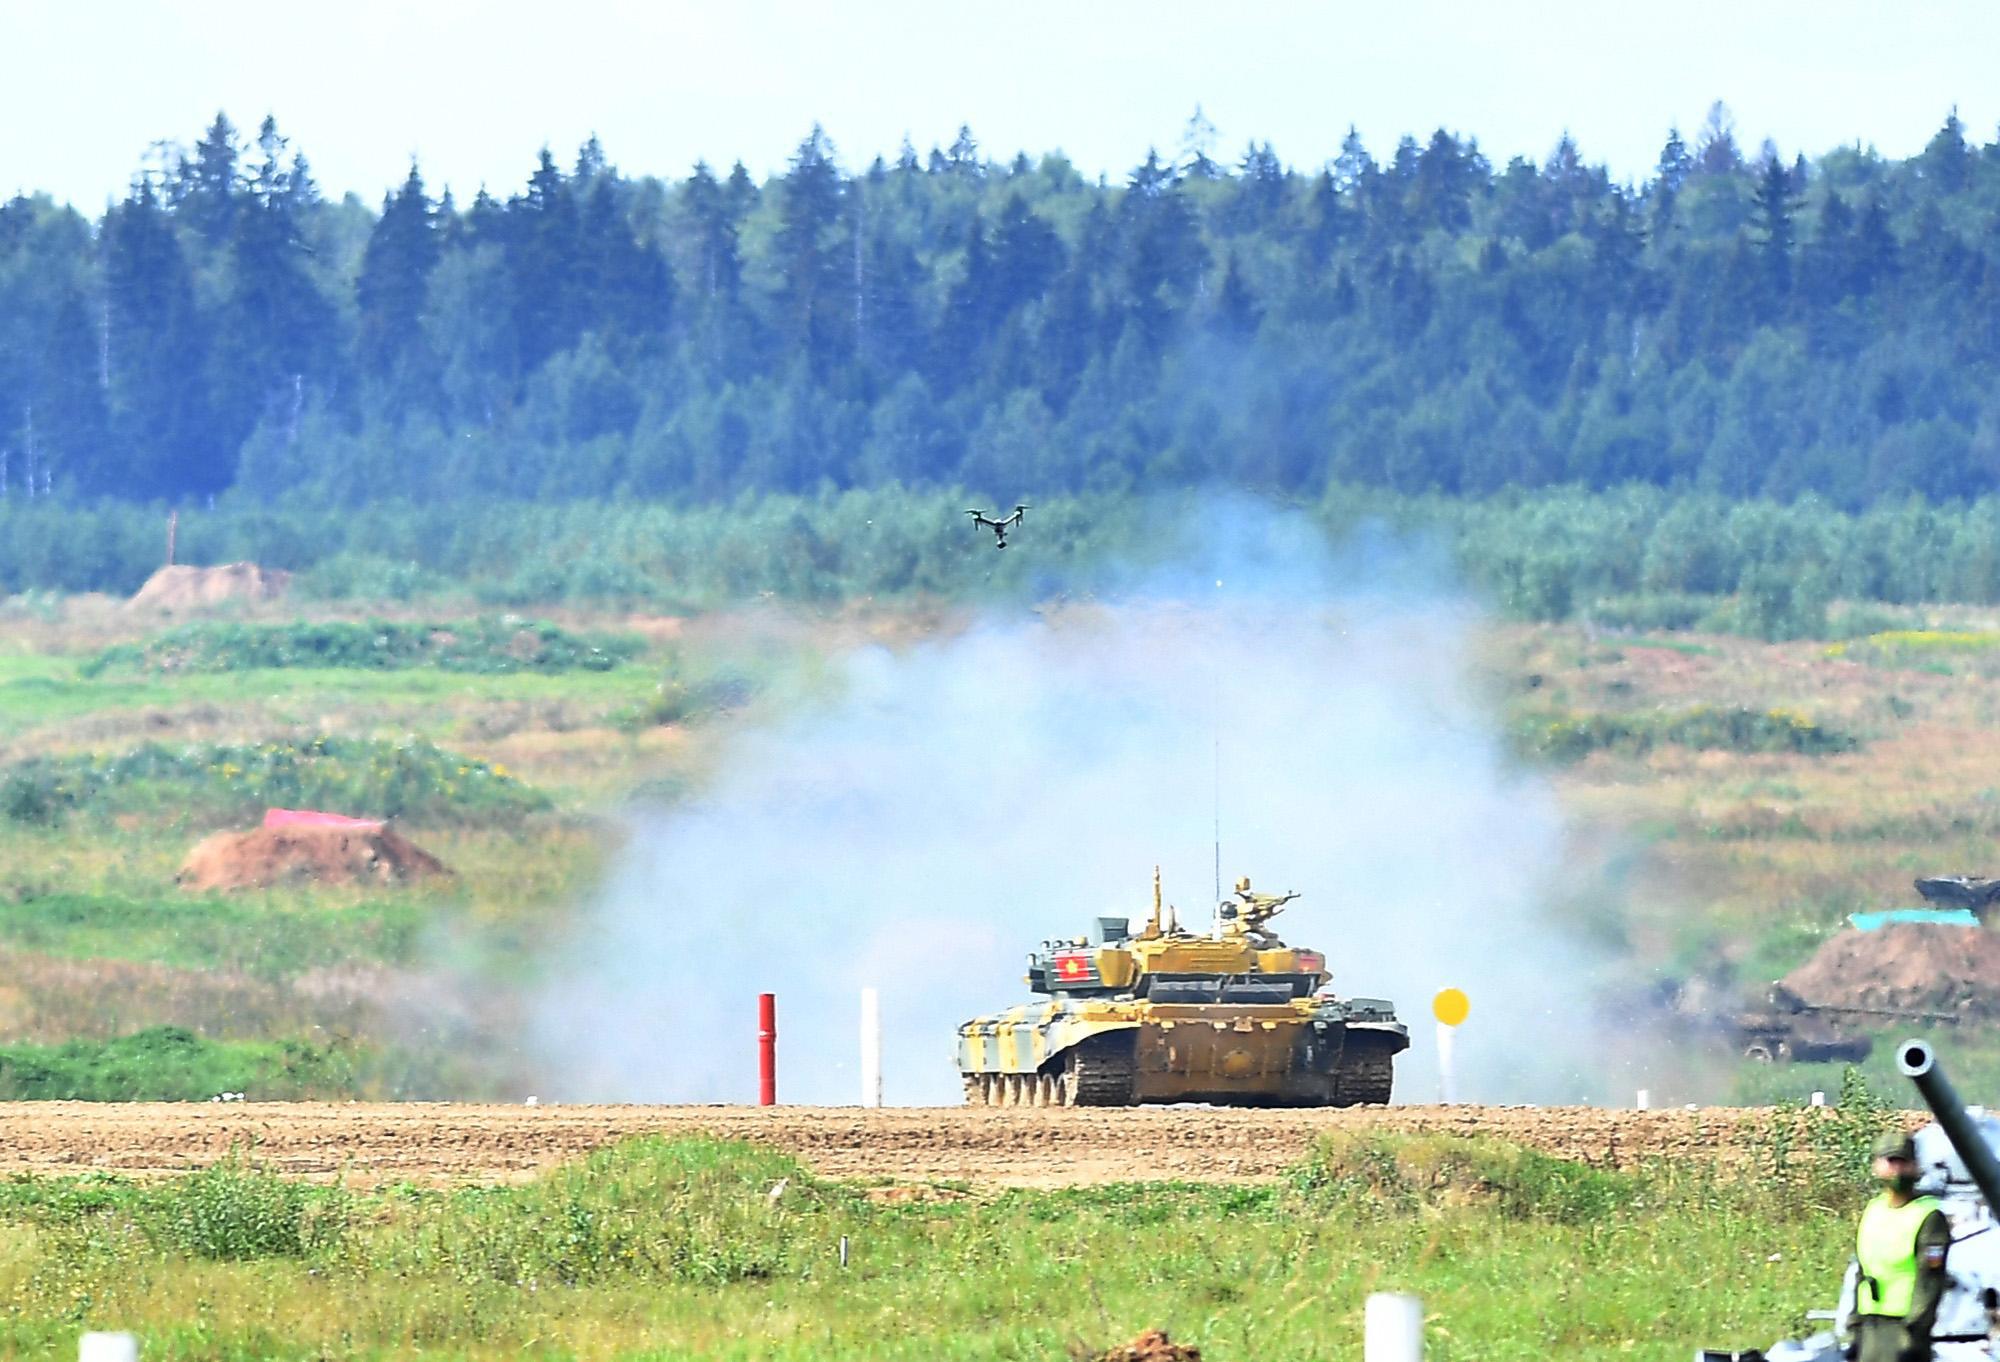 Hình ảnh xe tăng Việt Nam hùng dũng thi đấu ở trận 2 Tank Biathlon - Army Games 2020 - Ảnh 4.